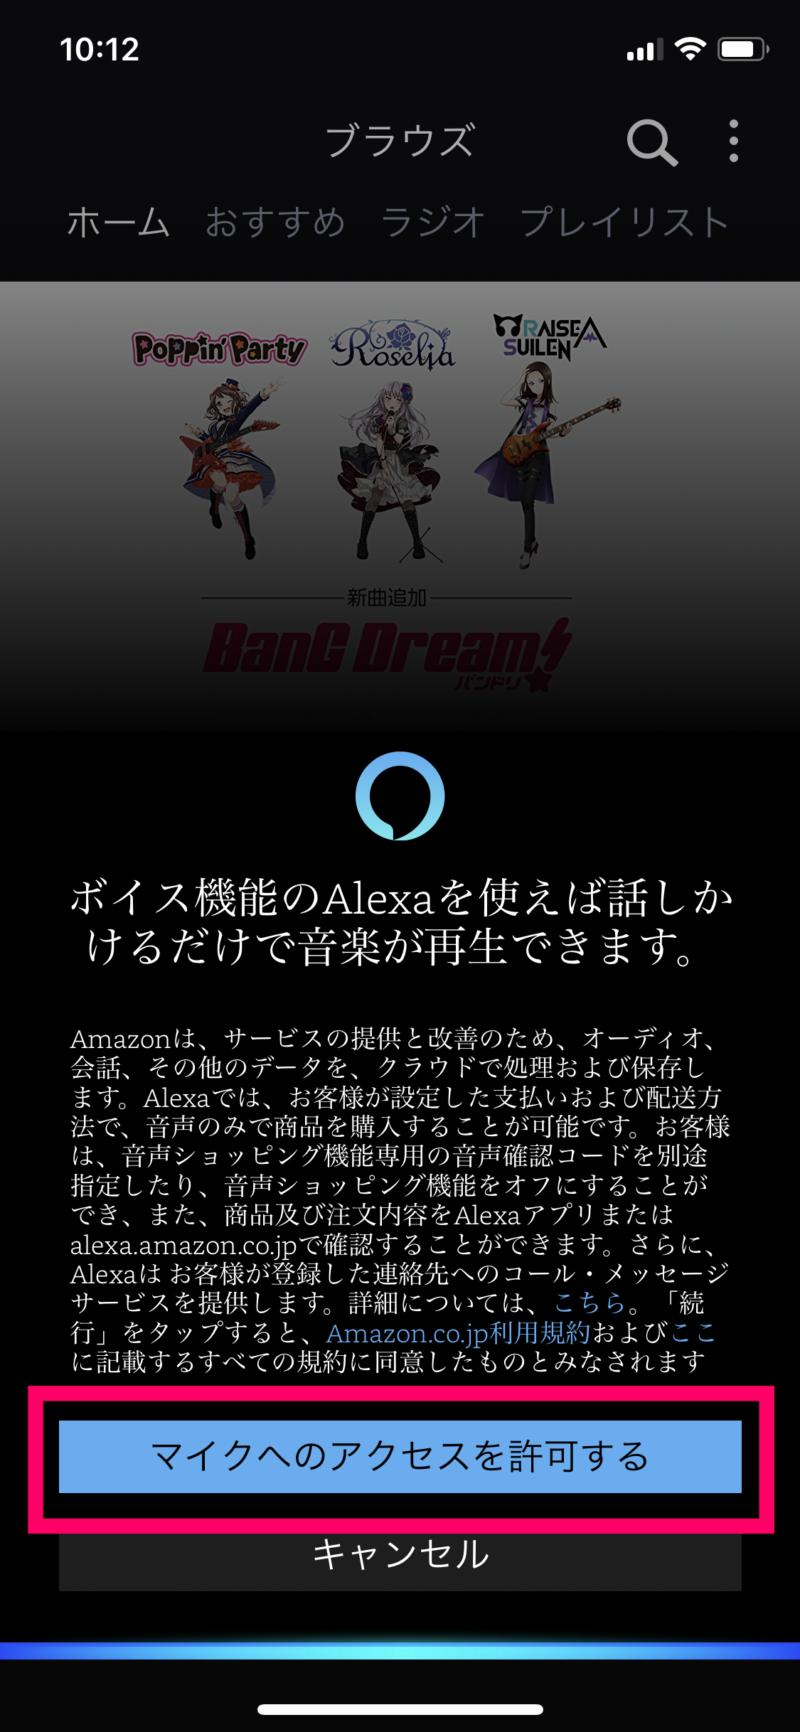 Amazonミュージックでアレクサを利用する方法2